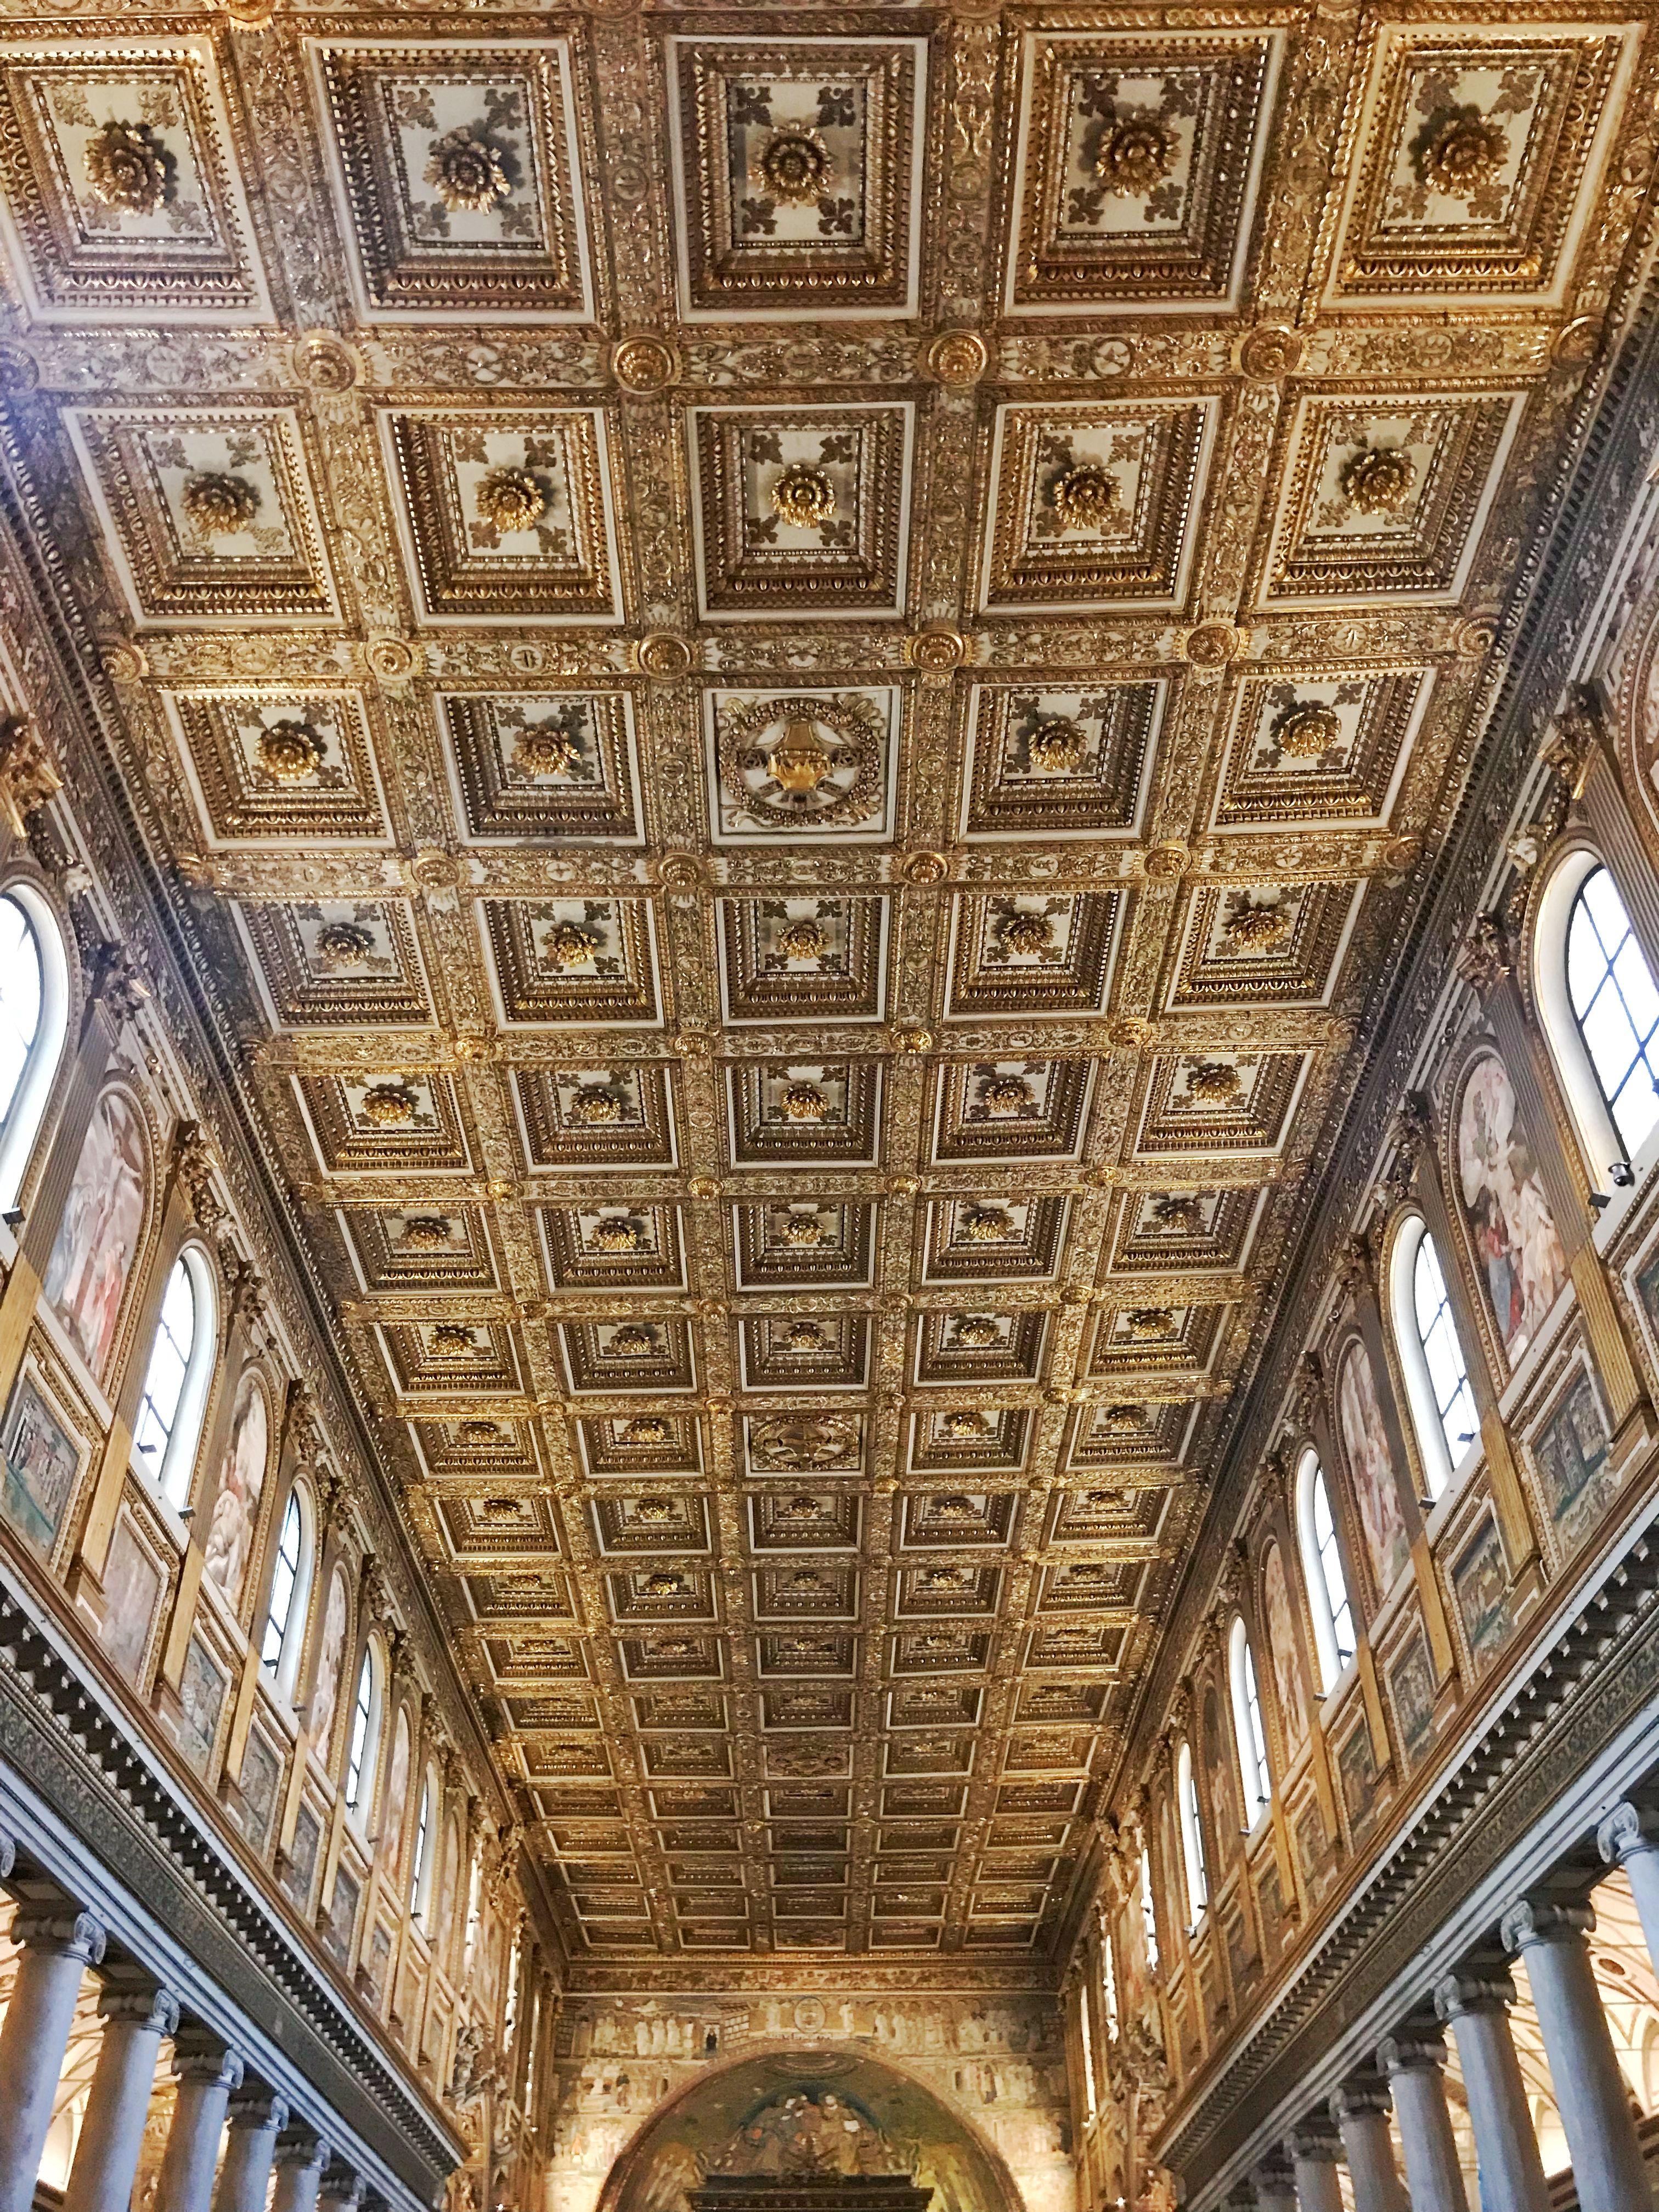 Basilica Di Santa Maria Maggiore (With Images)